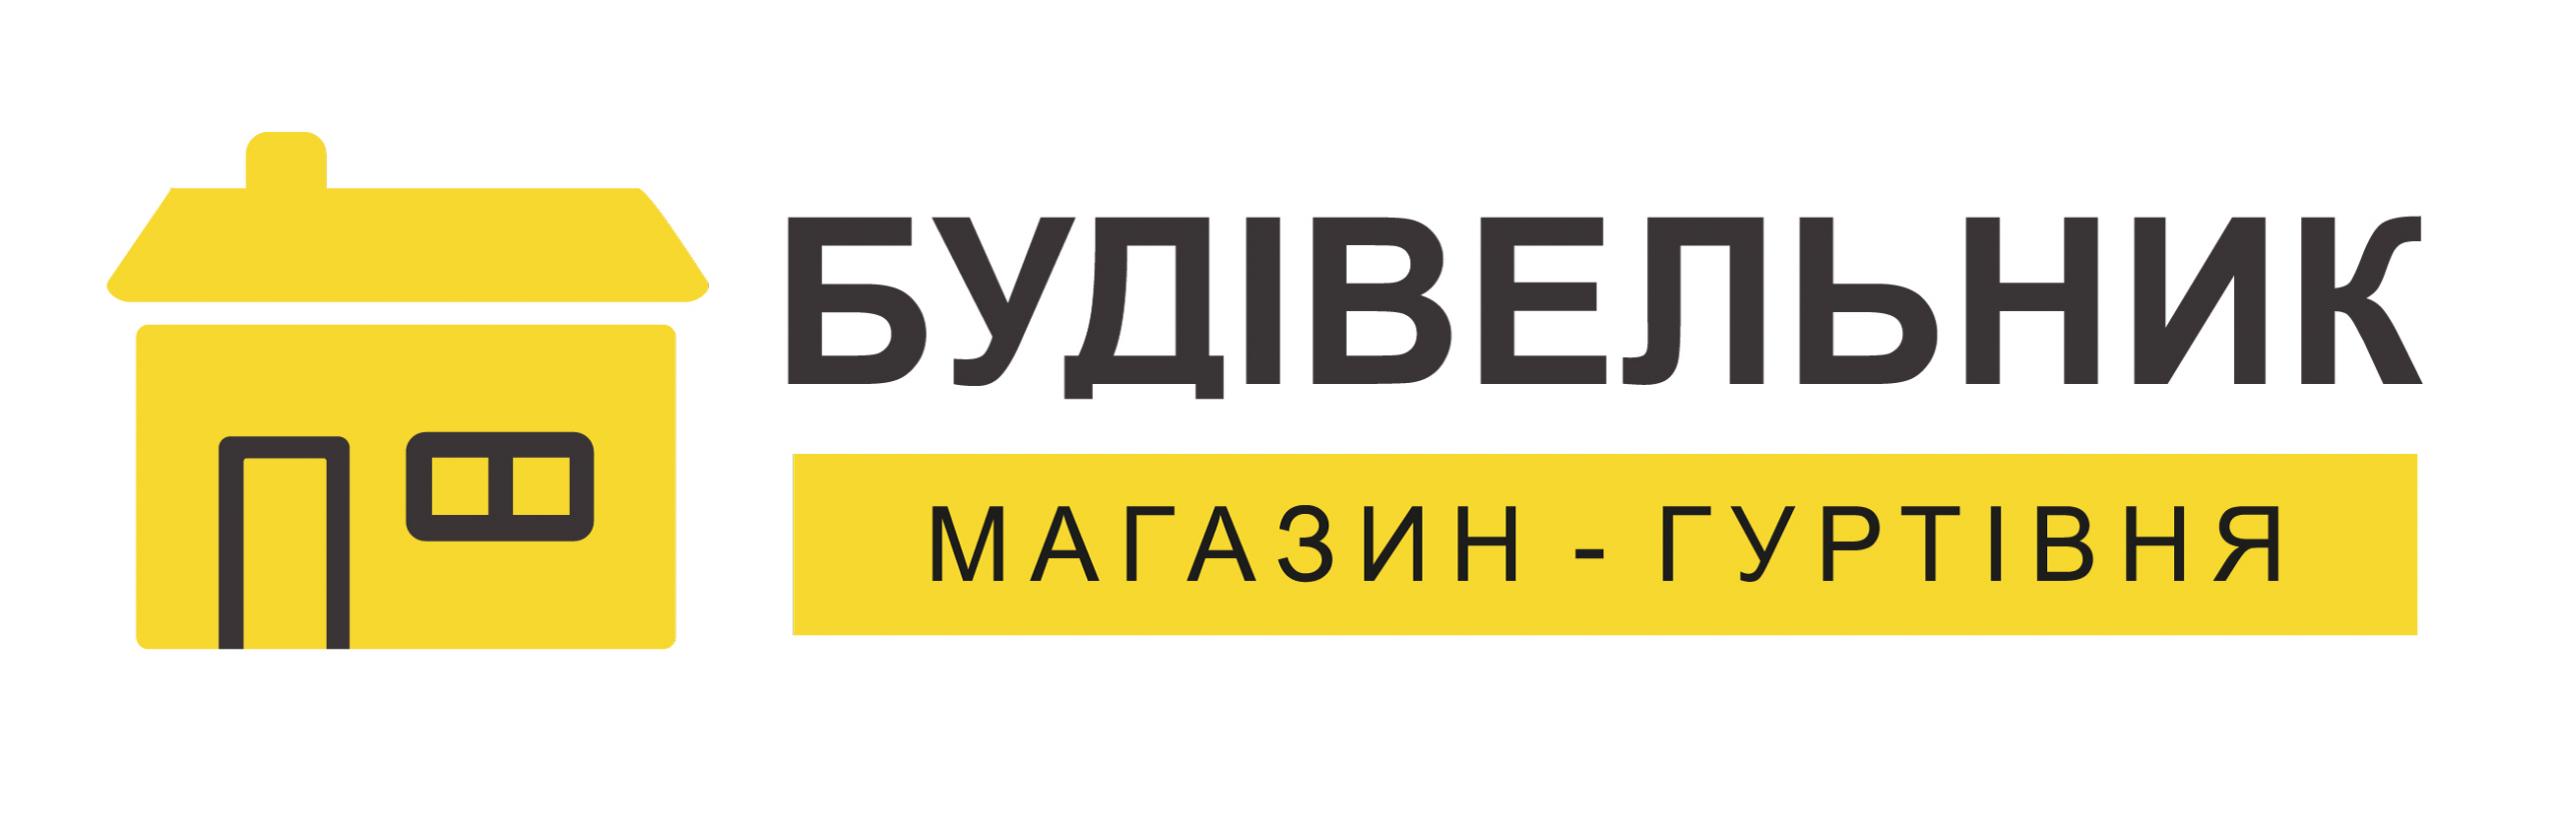 """Магазин-гуртівня """"БУДІВЕЛЬНИК"""""""